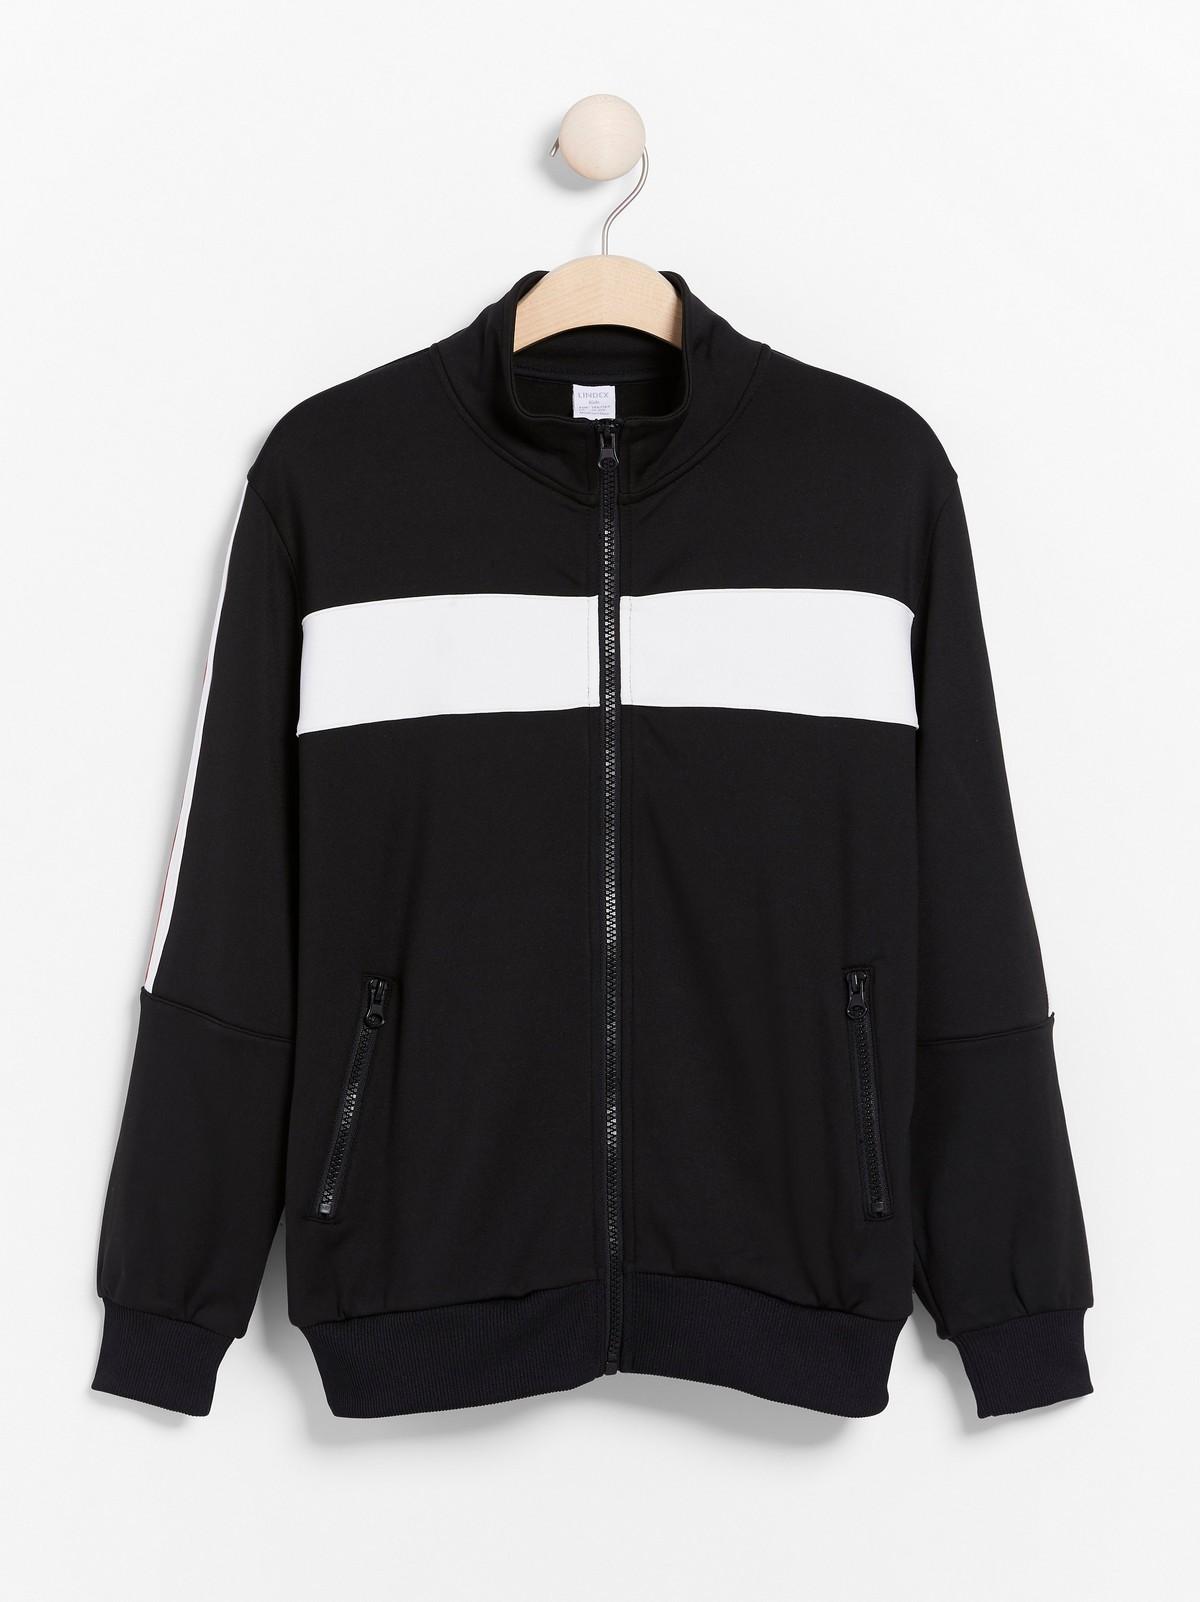 Svart WCT jakke med glidelås og striper på sidene | Lindex